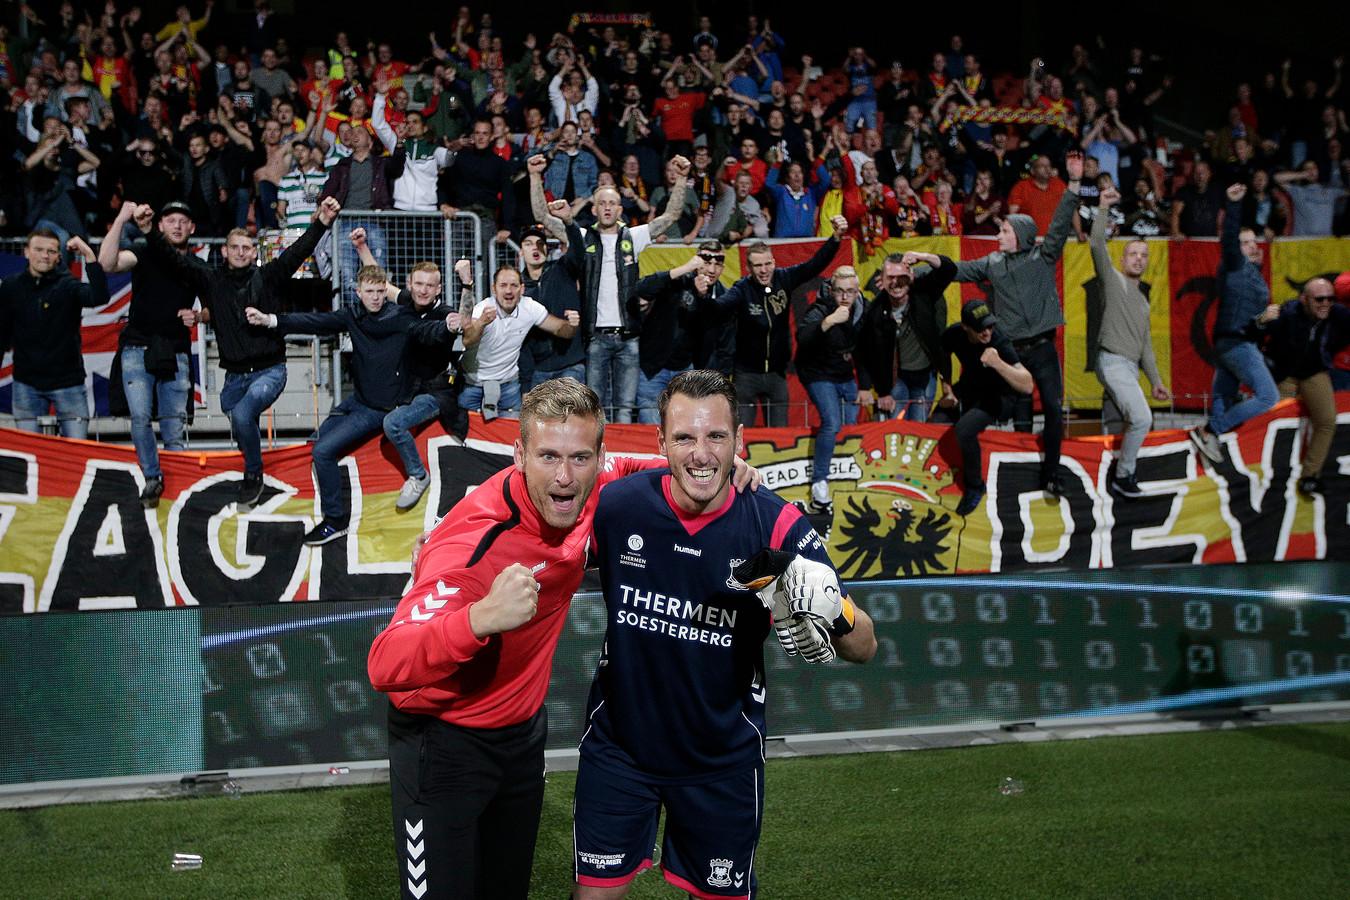 Go Ahead Eagles-uitblinker Hobie verhulst (r) viert na de winst op MVV zijn feestje met keeperstrainer Sjoerd Woudenberg.